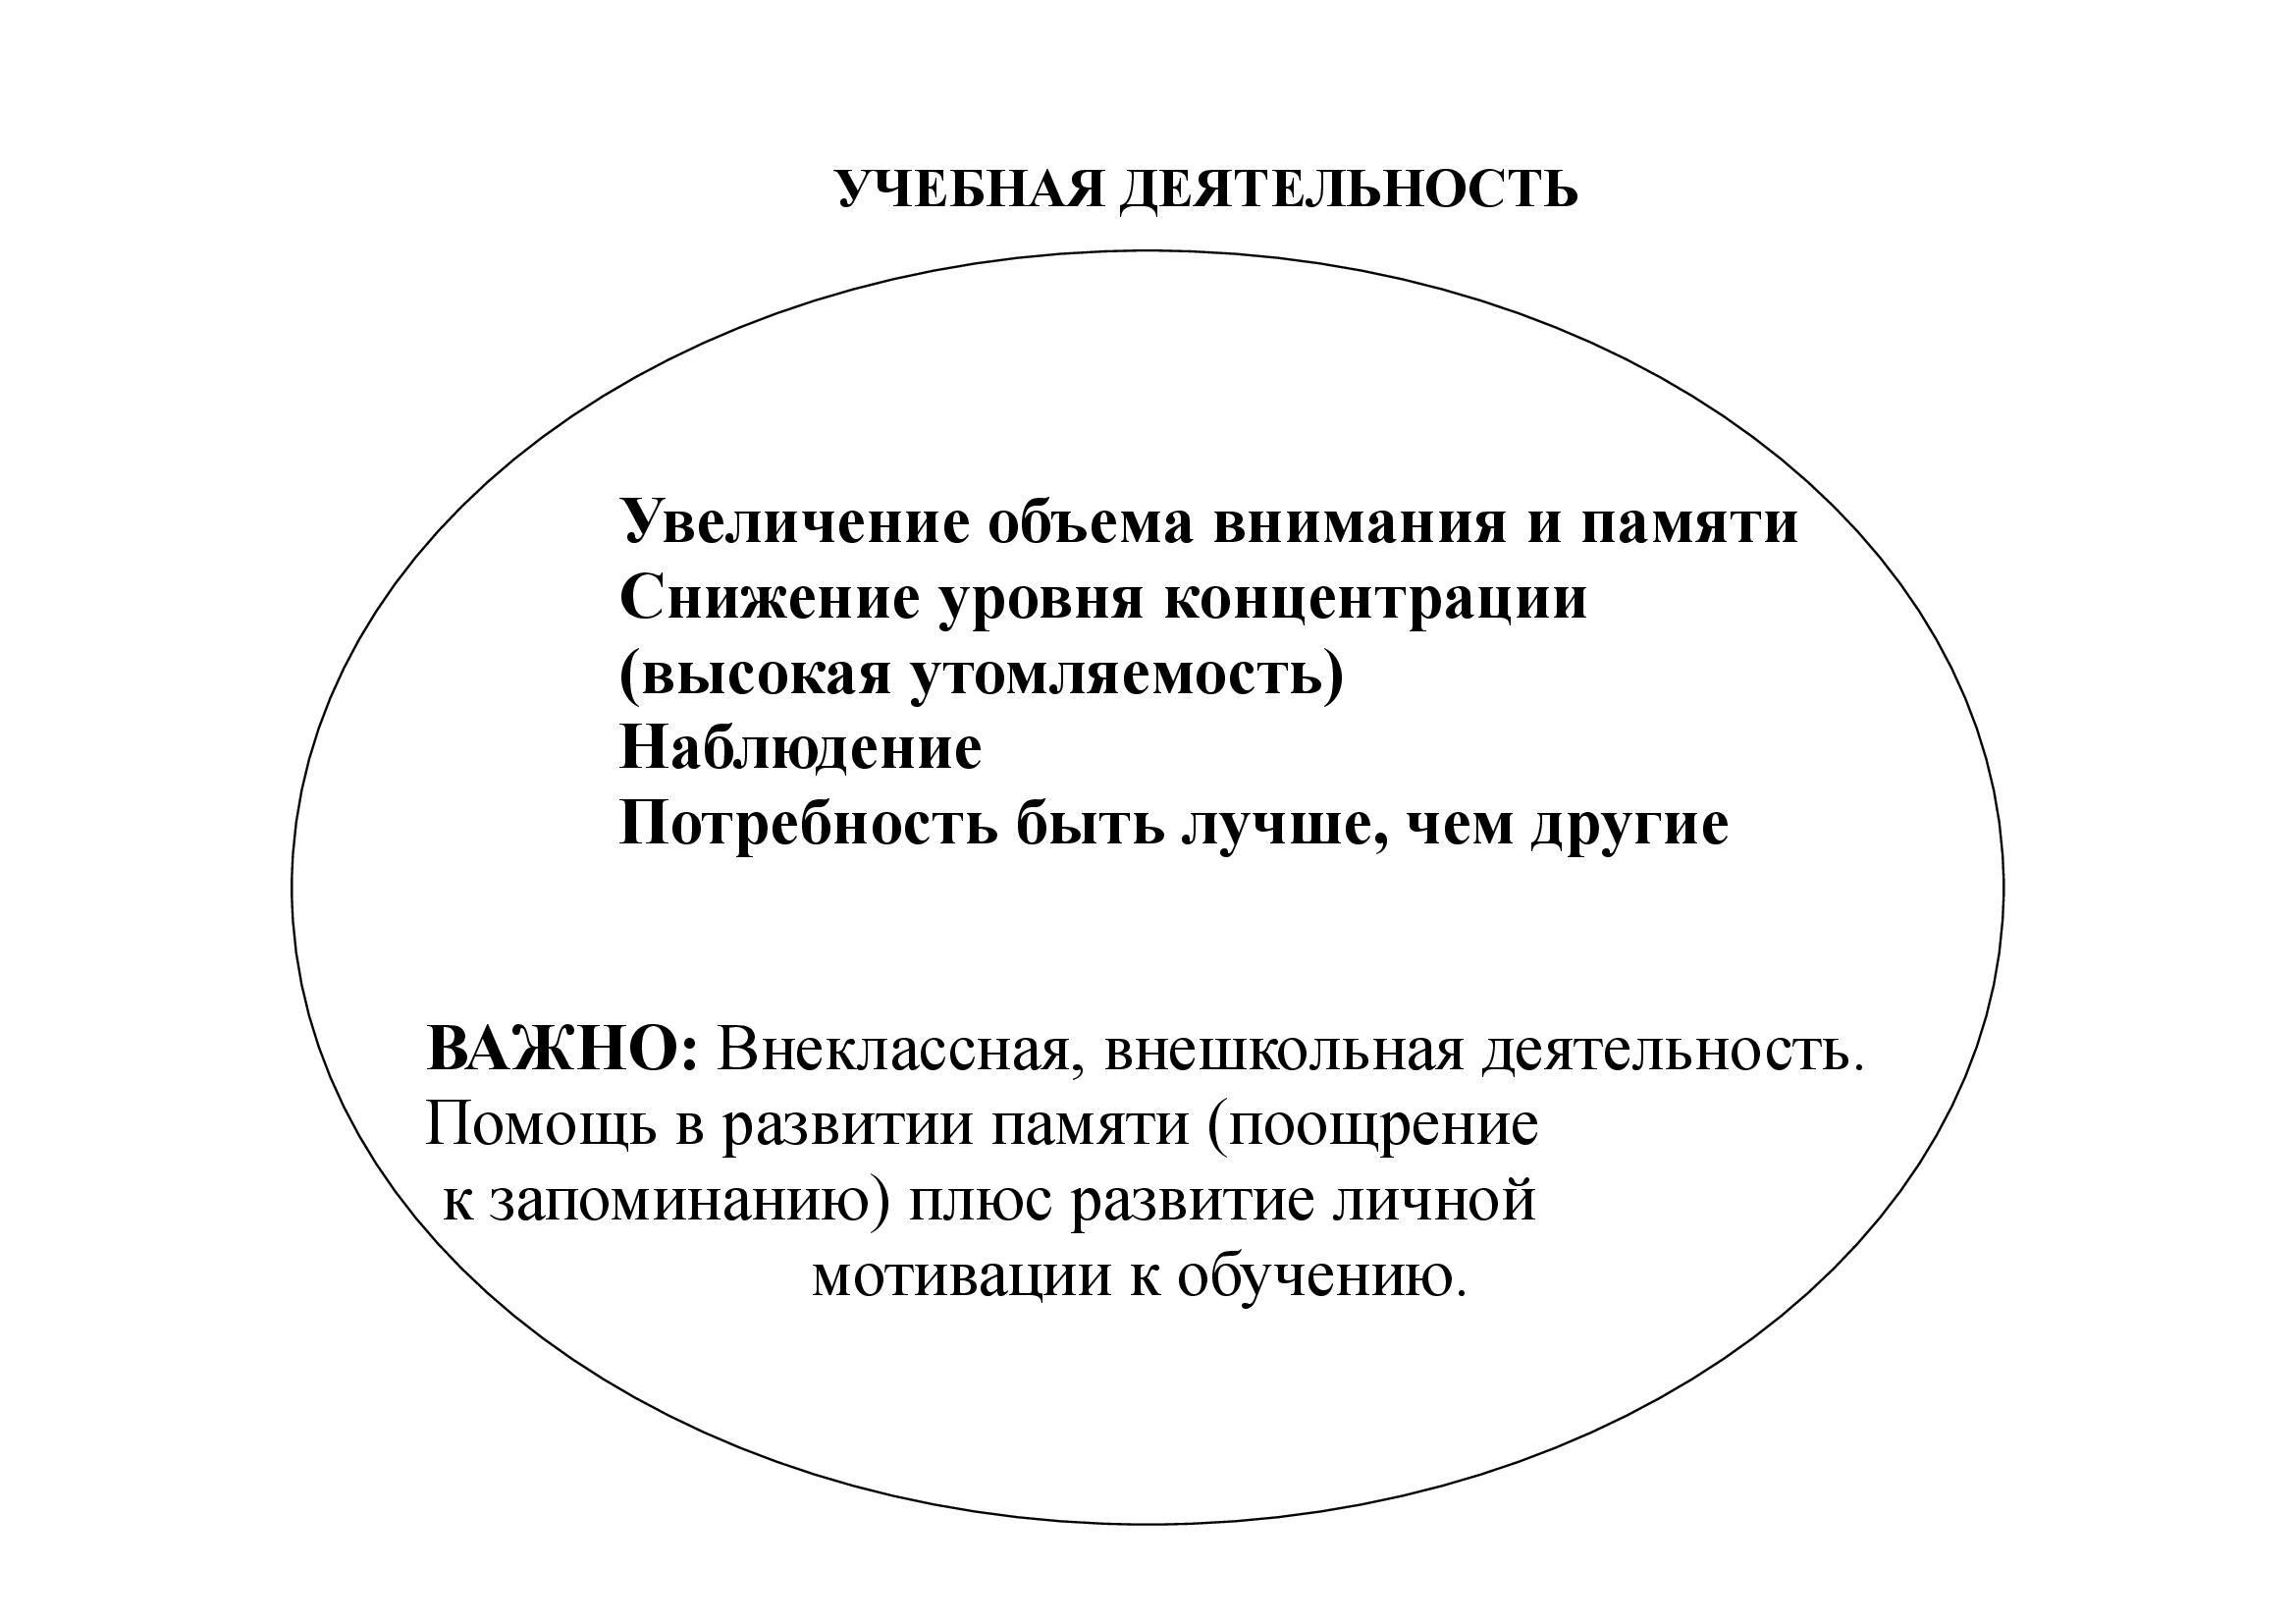 hello_html_m73a723.jpg